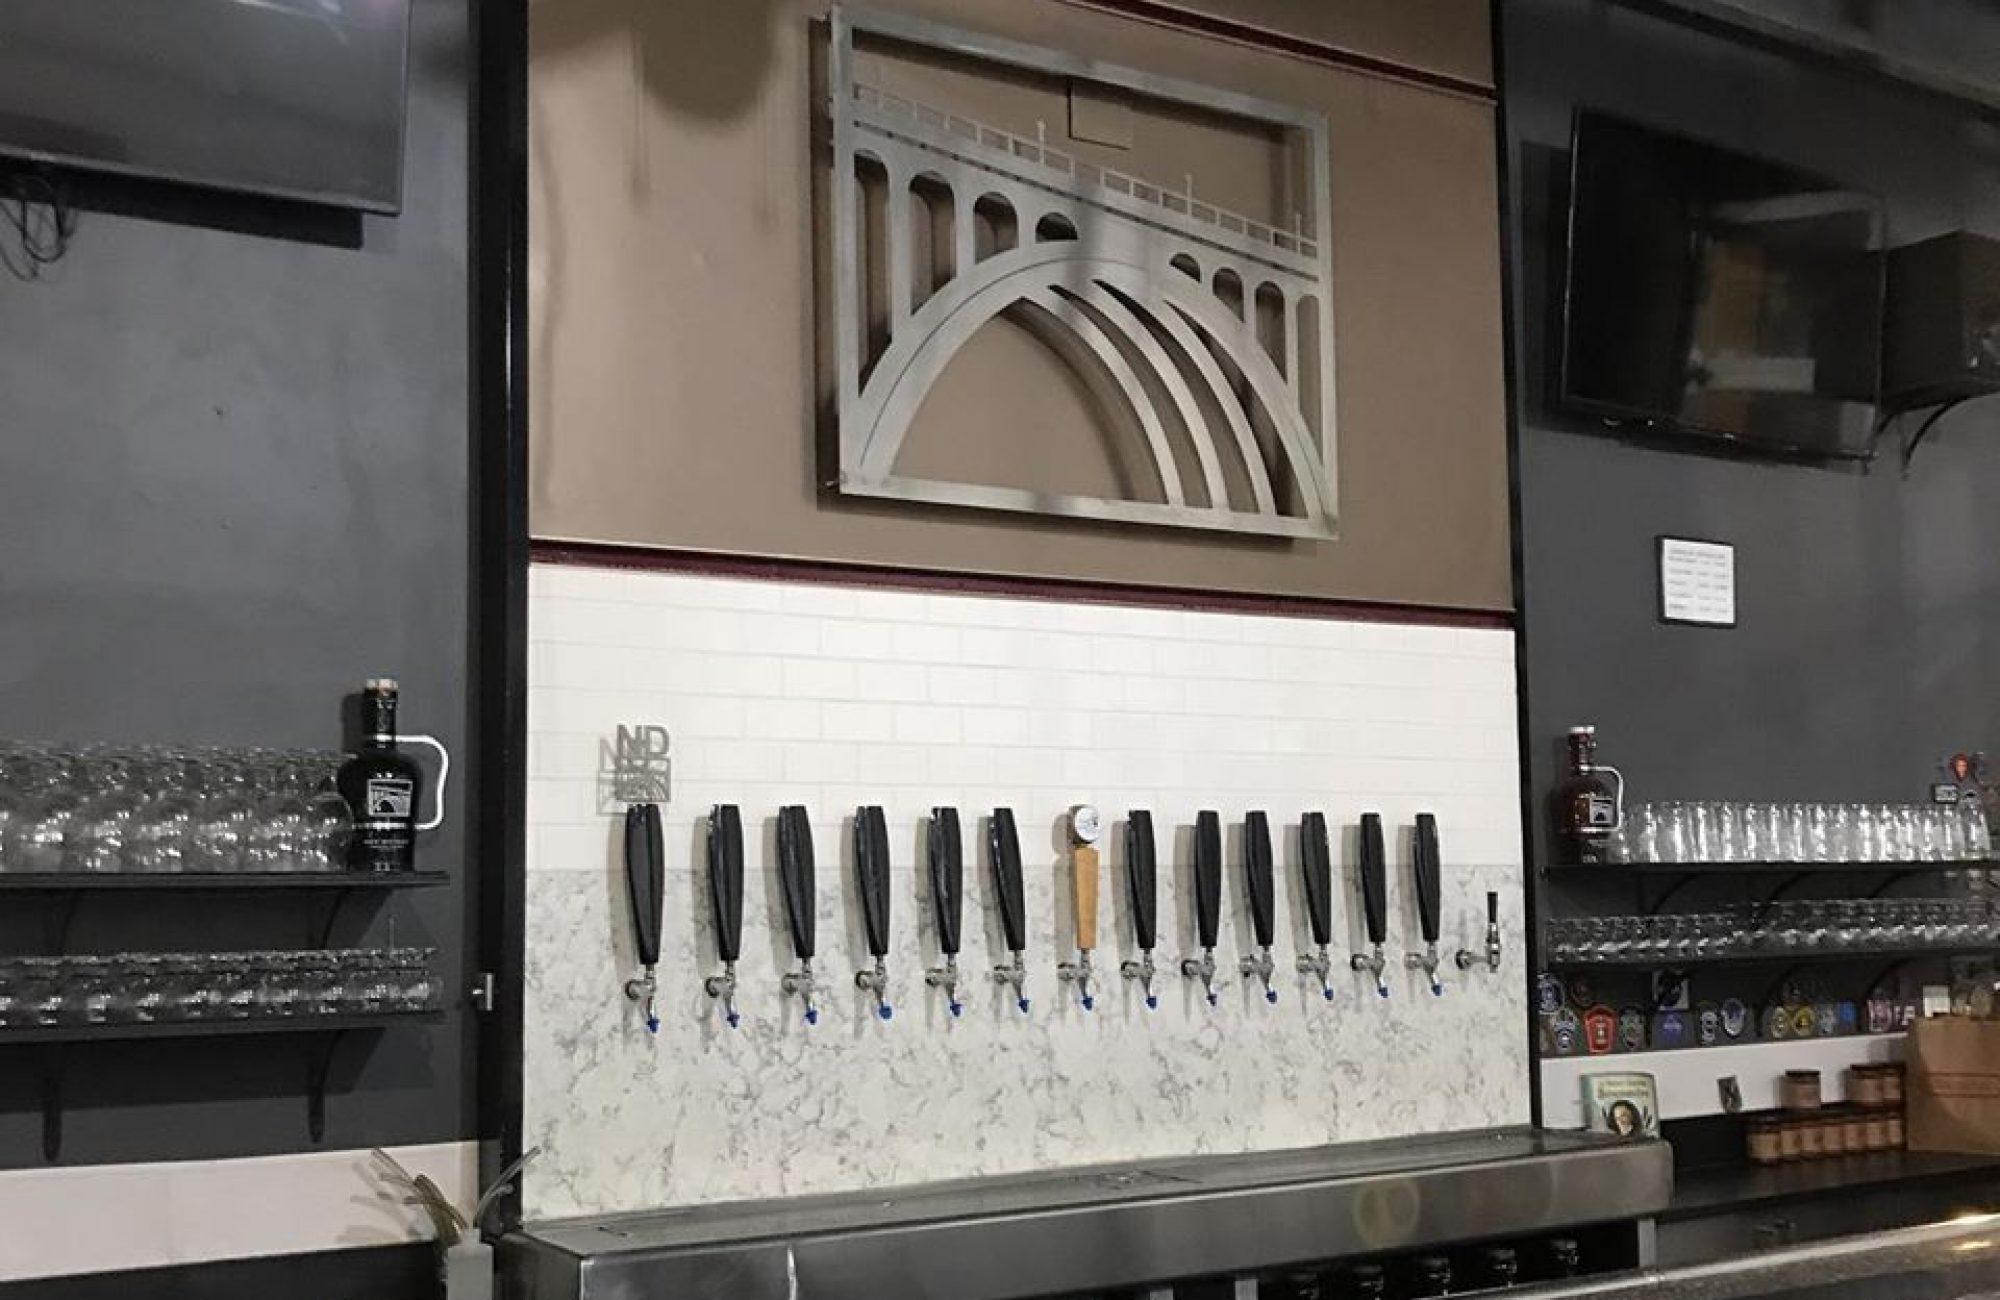 New District Brewing Company Arlington Va